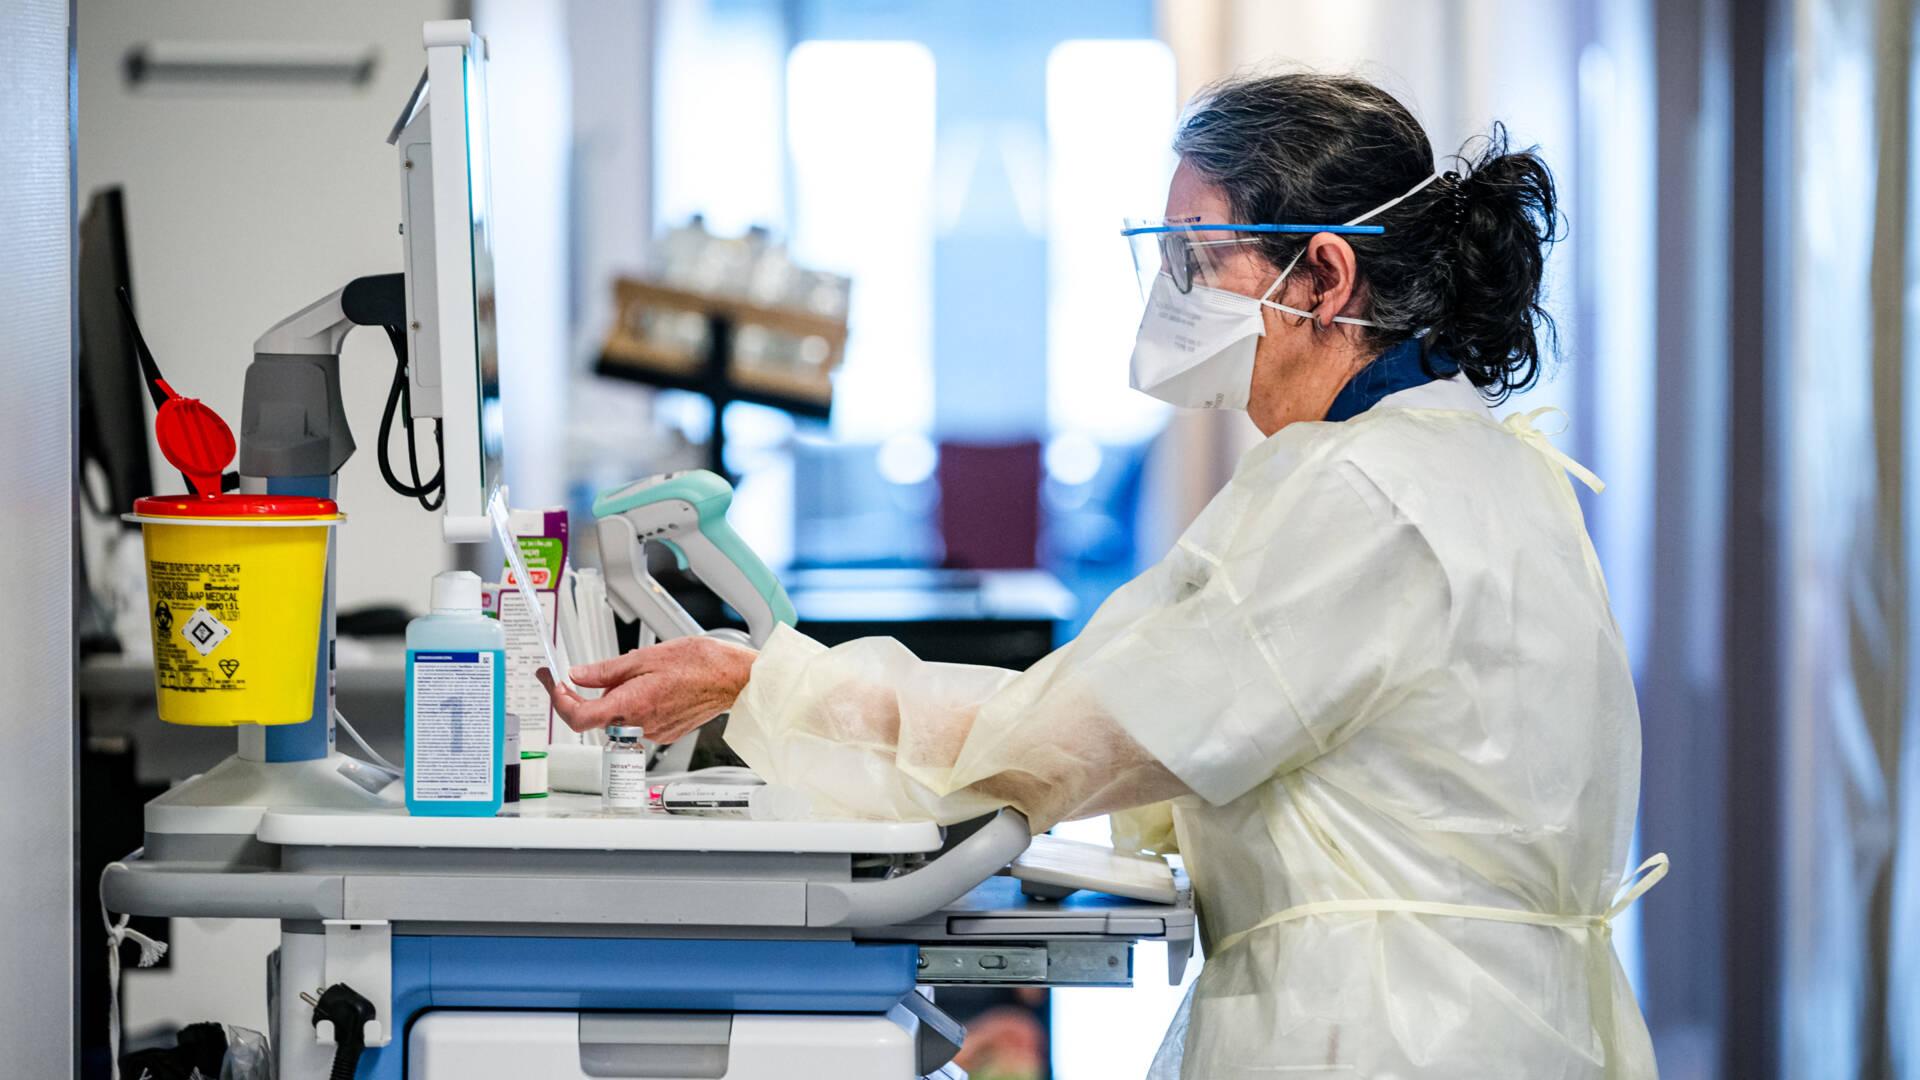 RIVM: عدد الاختبارات الإيجابية مرة أخرى أقل من 10,000